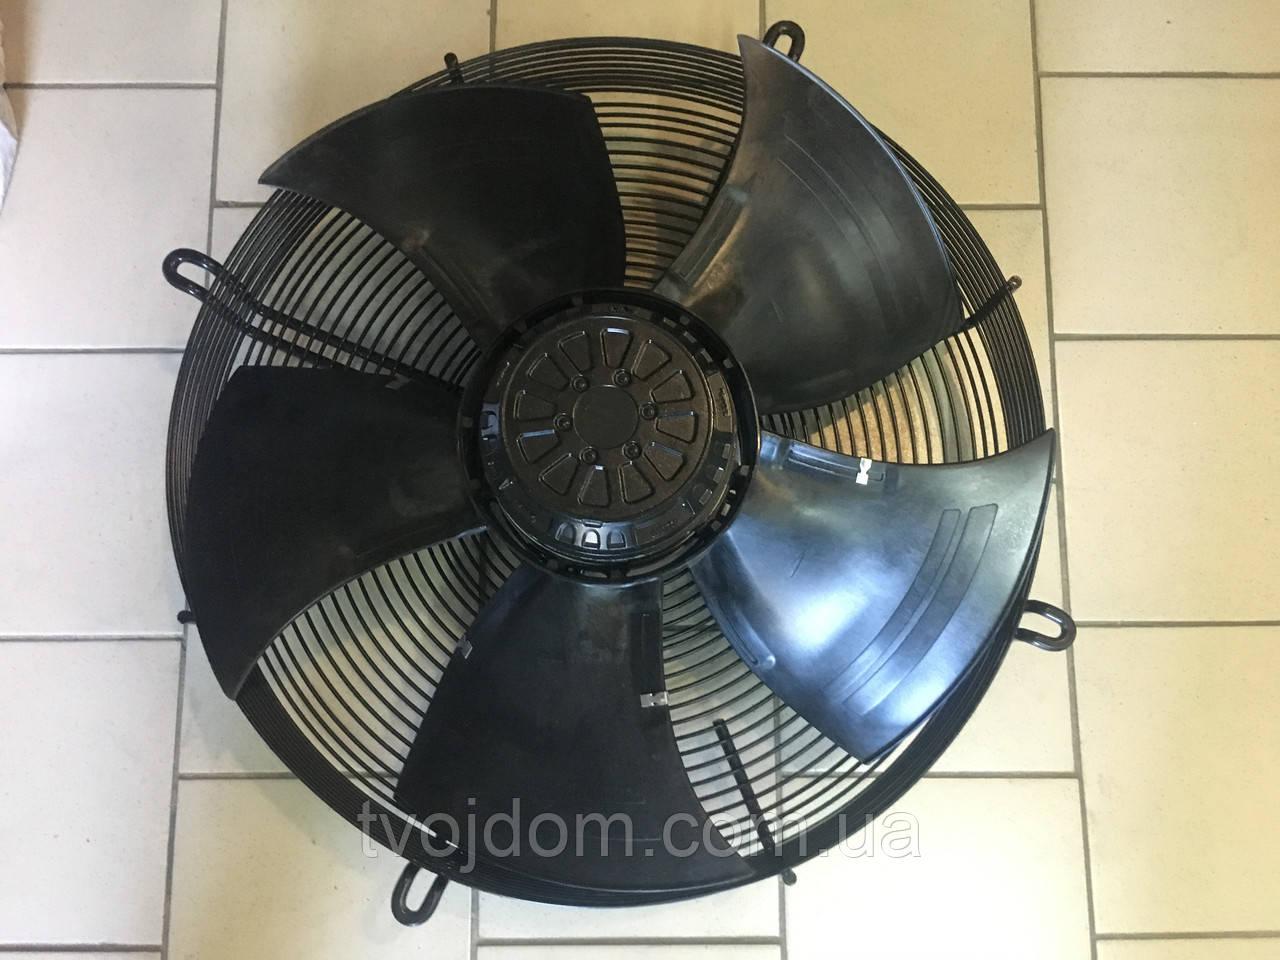 Осевой вентилятор обдува Ebmpapst S4D500-AM03-01 380V